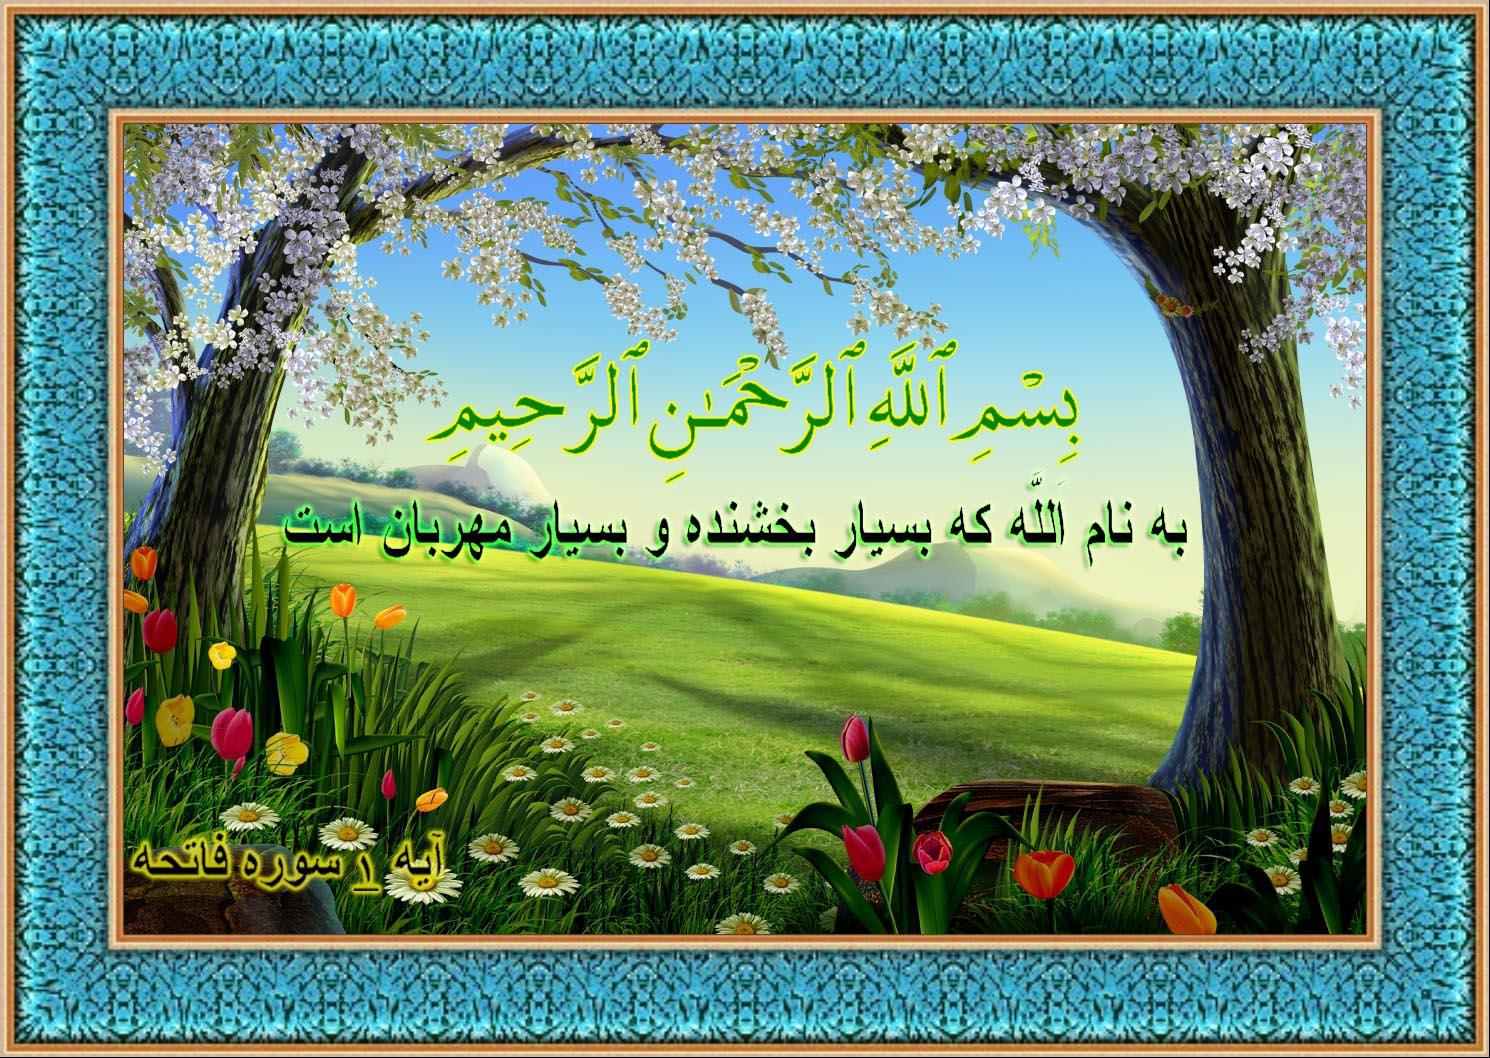 تصاویر زیبا در مورد بسم الله الرحمن الرحیم